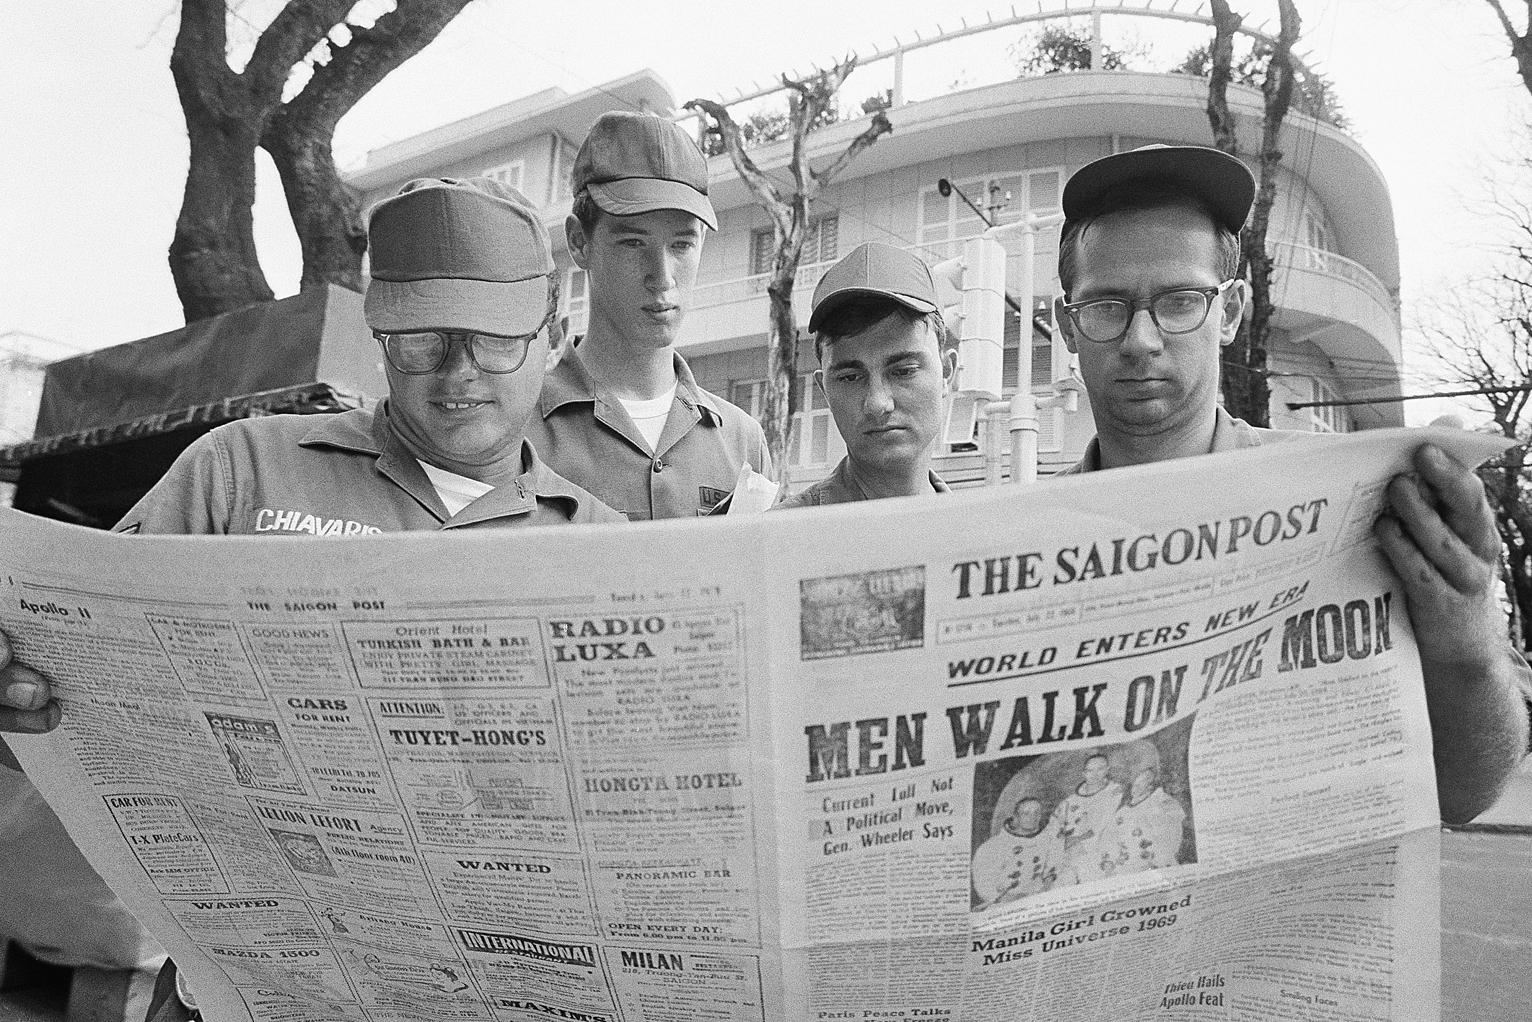 Một nhóm lính Mỹ đang đọc tin tức về cuộc đổ bộ của Apollo 11 lên Mặt trăng. Góc đường Tự Do và Nguyễn Văn Thinh, Sài Gòn (nay là đường Đồng Khởi và Mạc Thị Bưởi, TP.HCM). Nguồn: Flickr – manhhai.